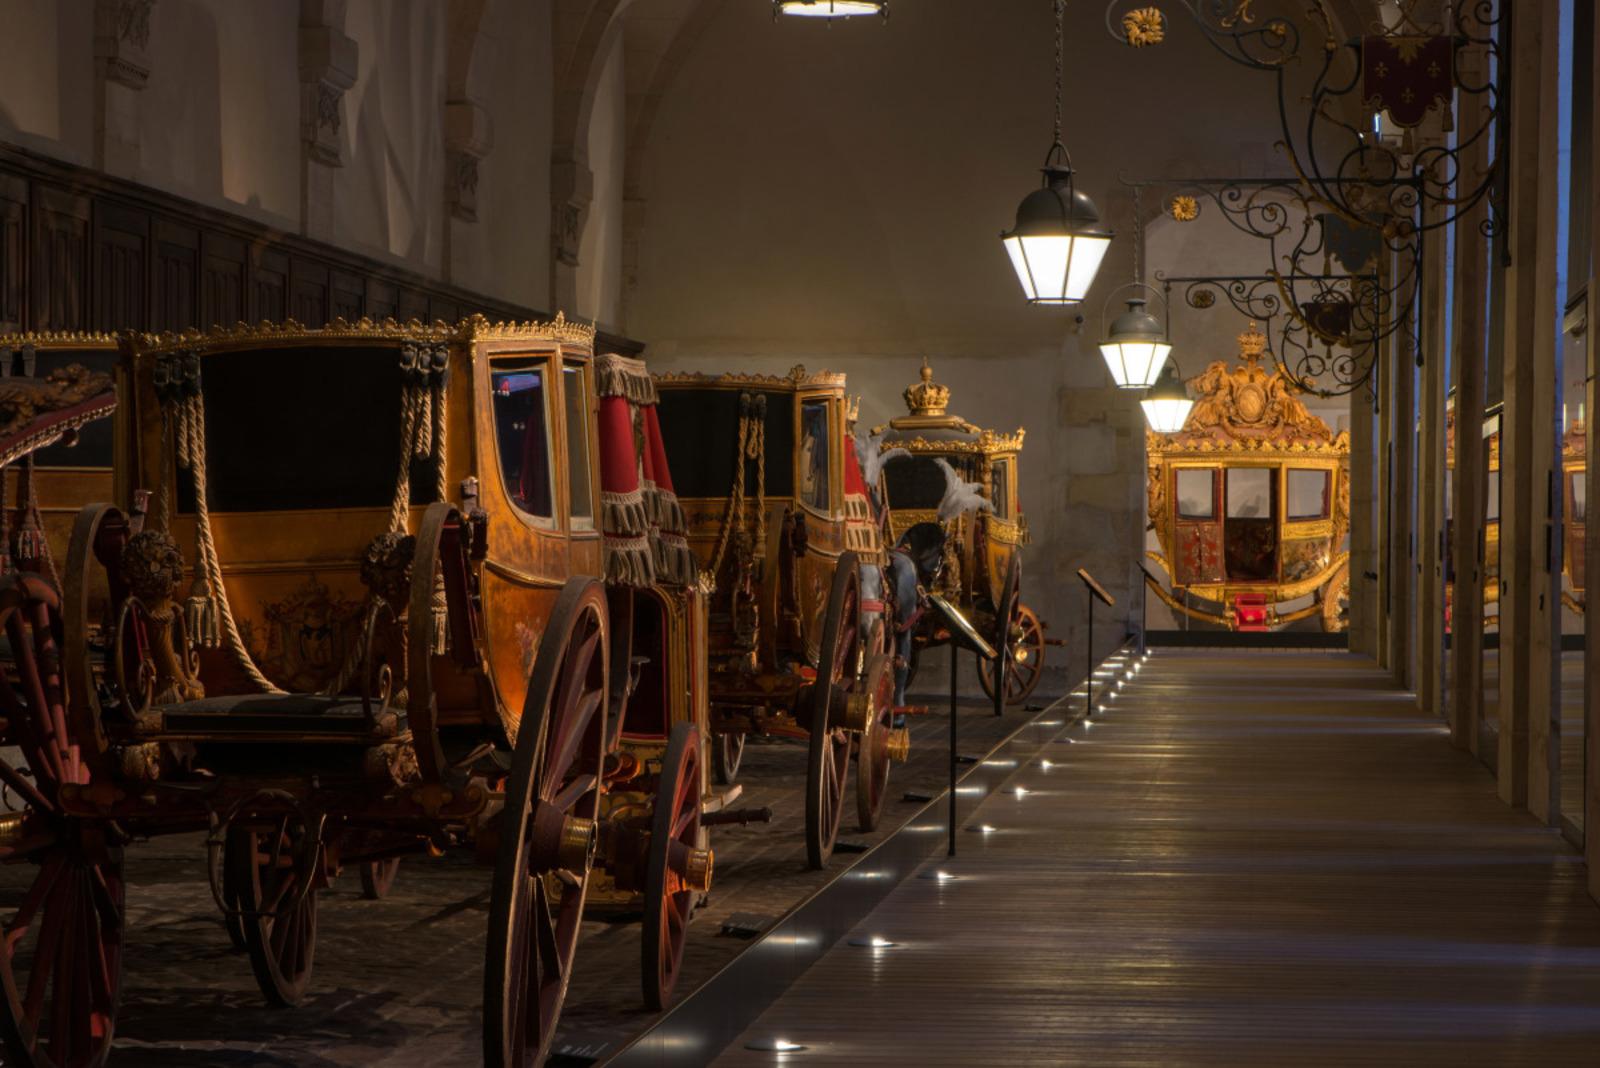 La Galerie des Carrosses%252C Coupé de la présidence de la république%252C château de Versailles%252C 2015. T.Garnier %252F Château de Versailles